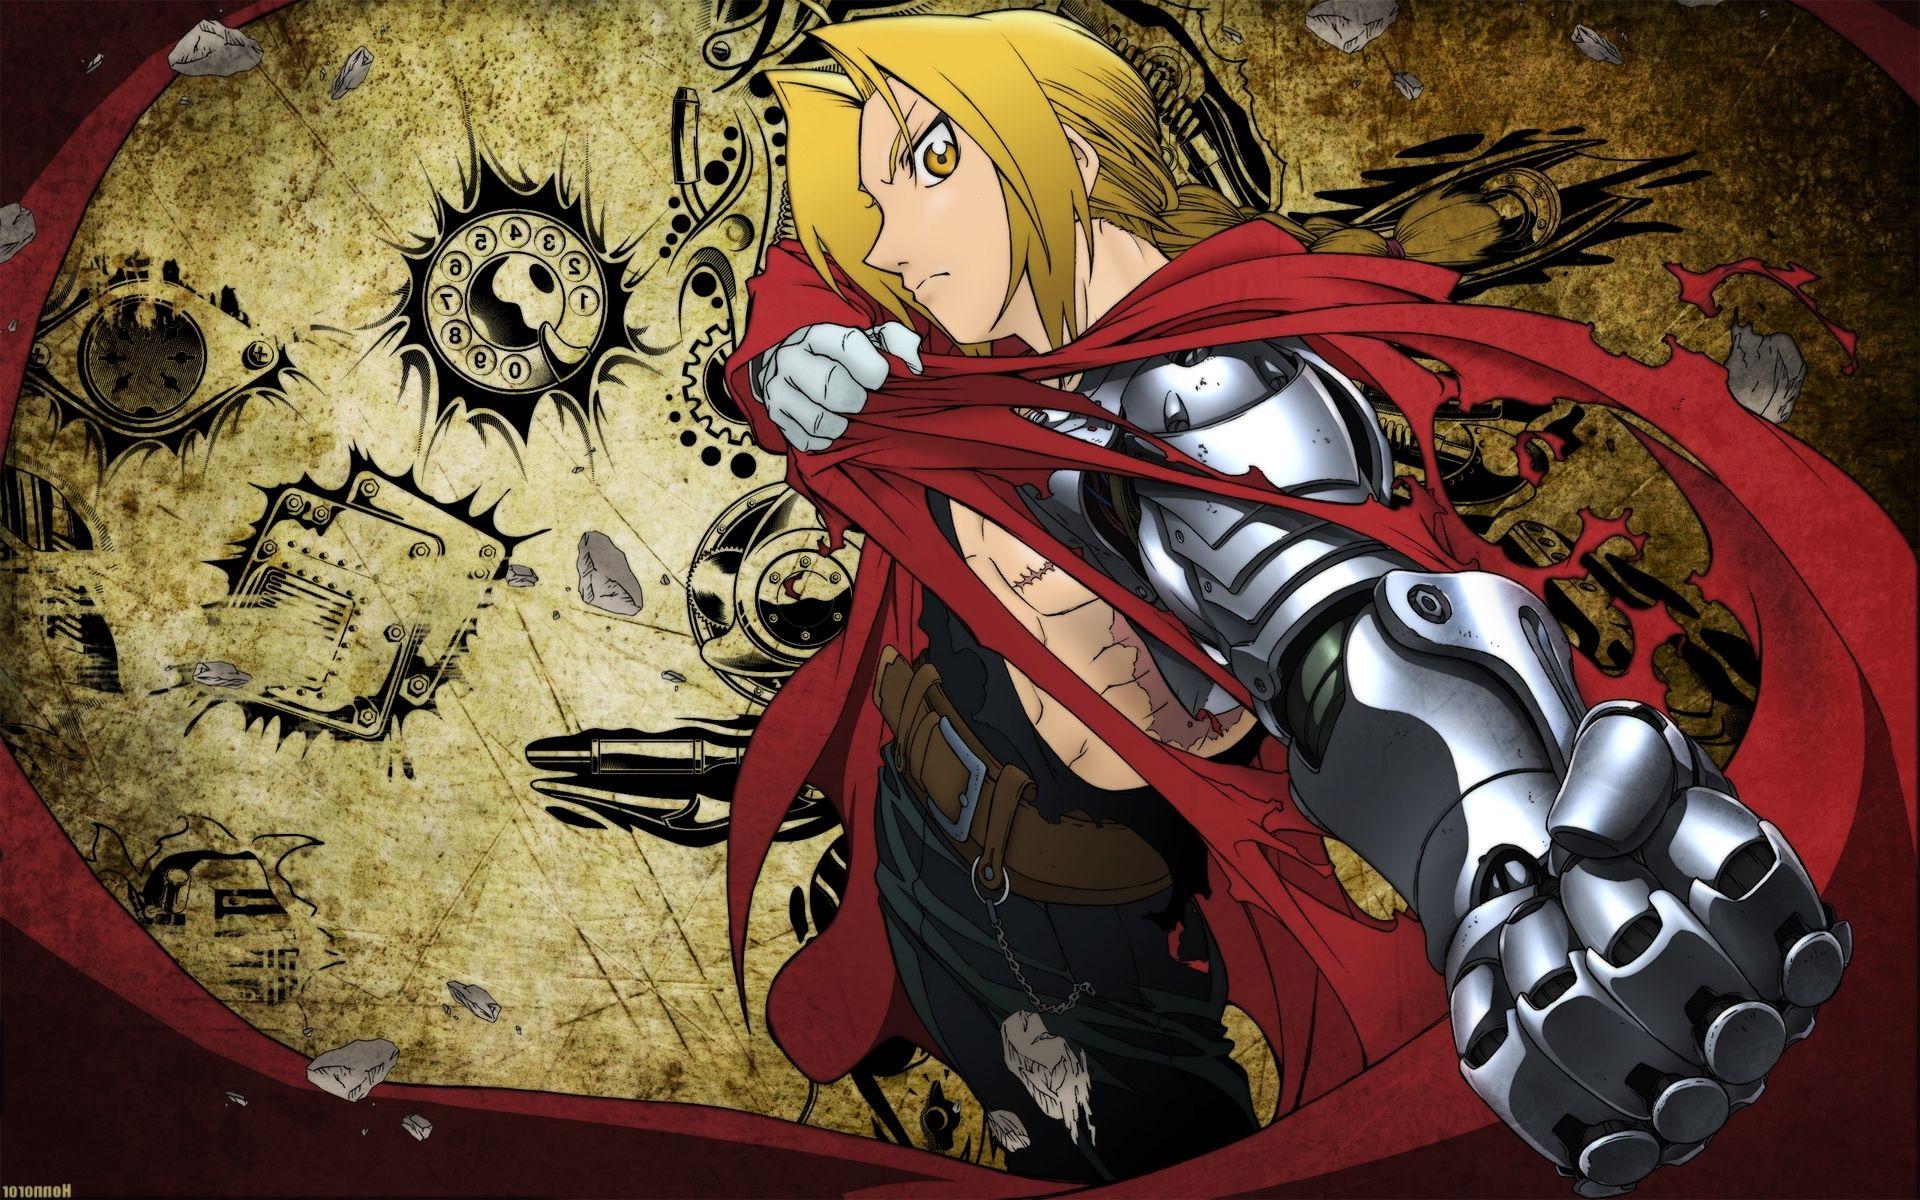 Fullmetal Alchemist Wallpaper Full Hd - WALLPAPER HD ...